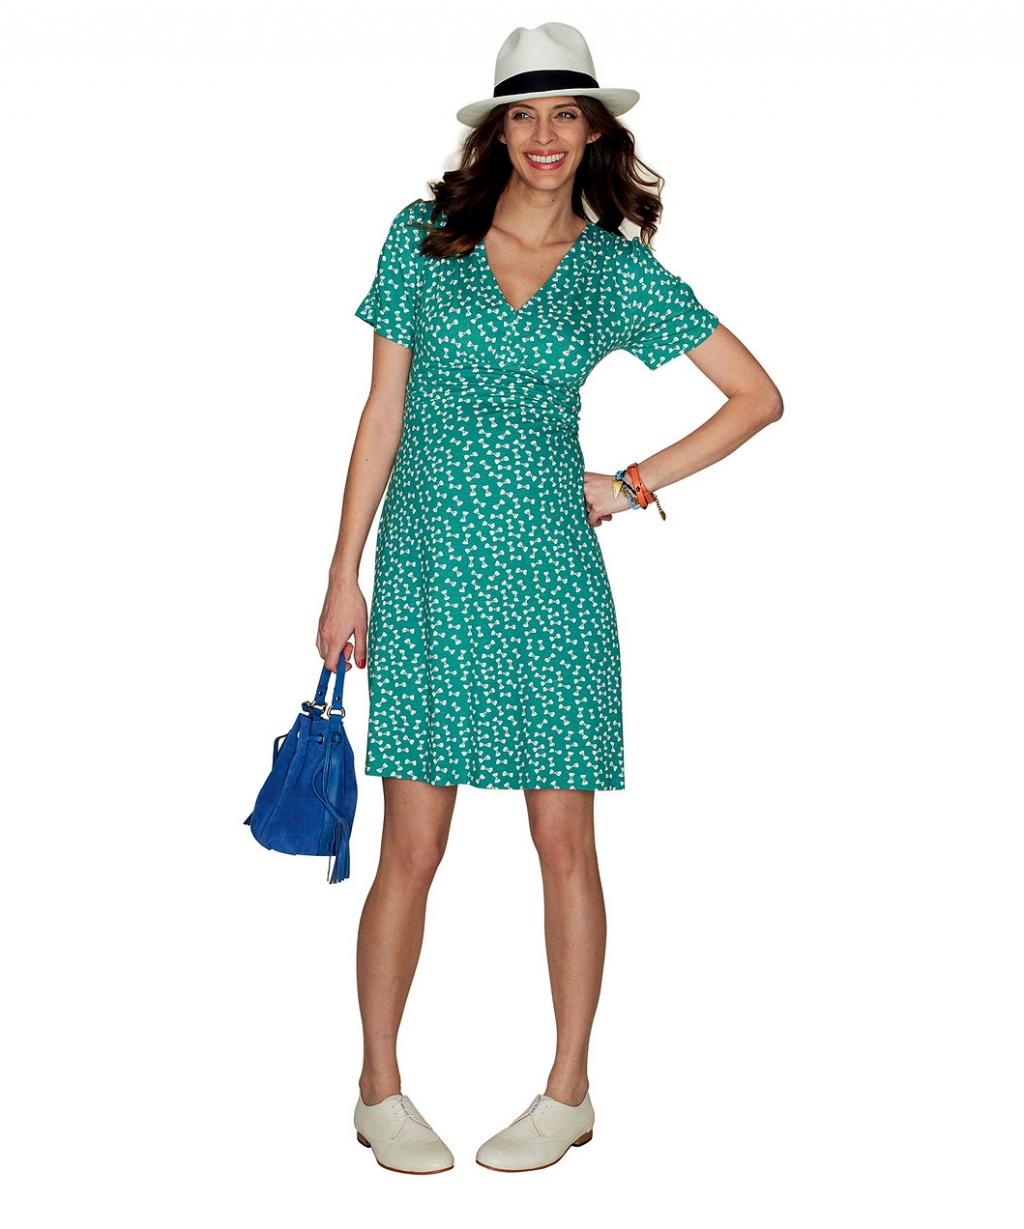 Сукня зелена з принтом бантиків для майбутніх мам (Mothercare)